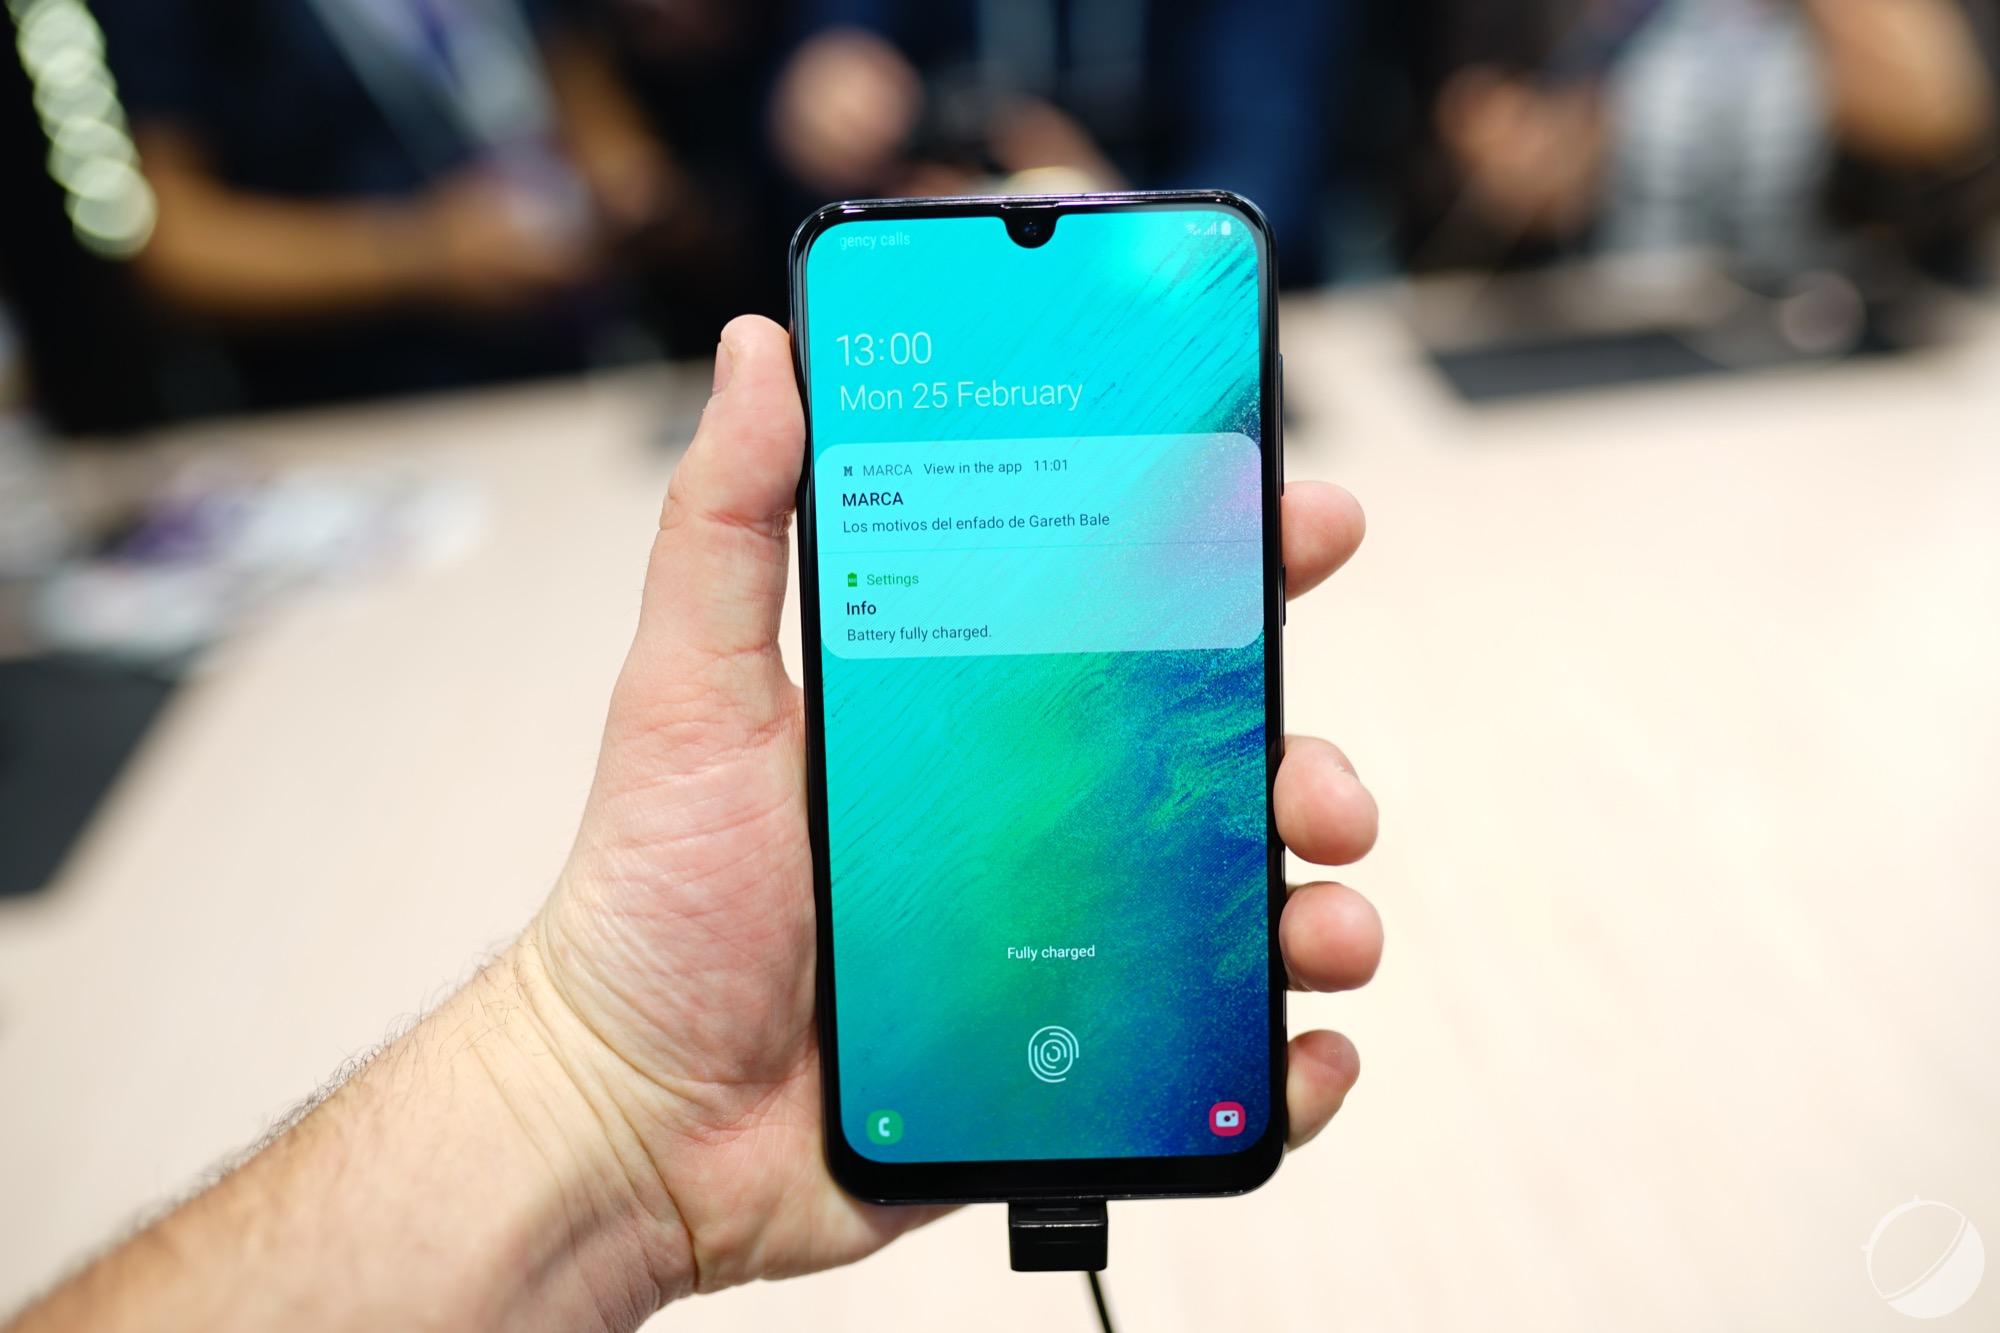 Galaxy A90 : Samsung confirme qu'il n'aura pas d'encoche